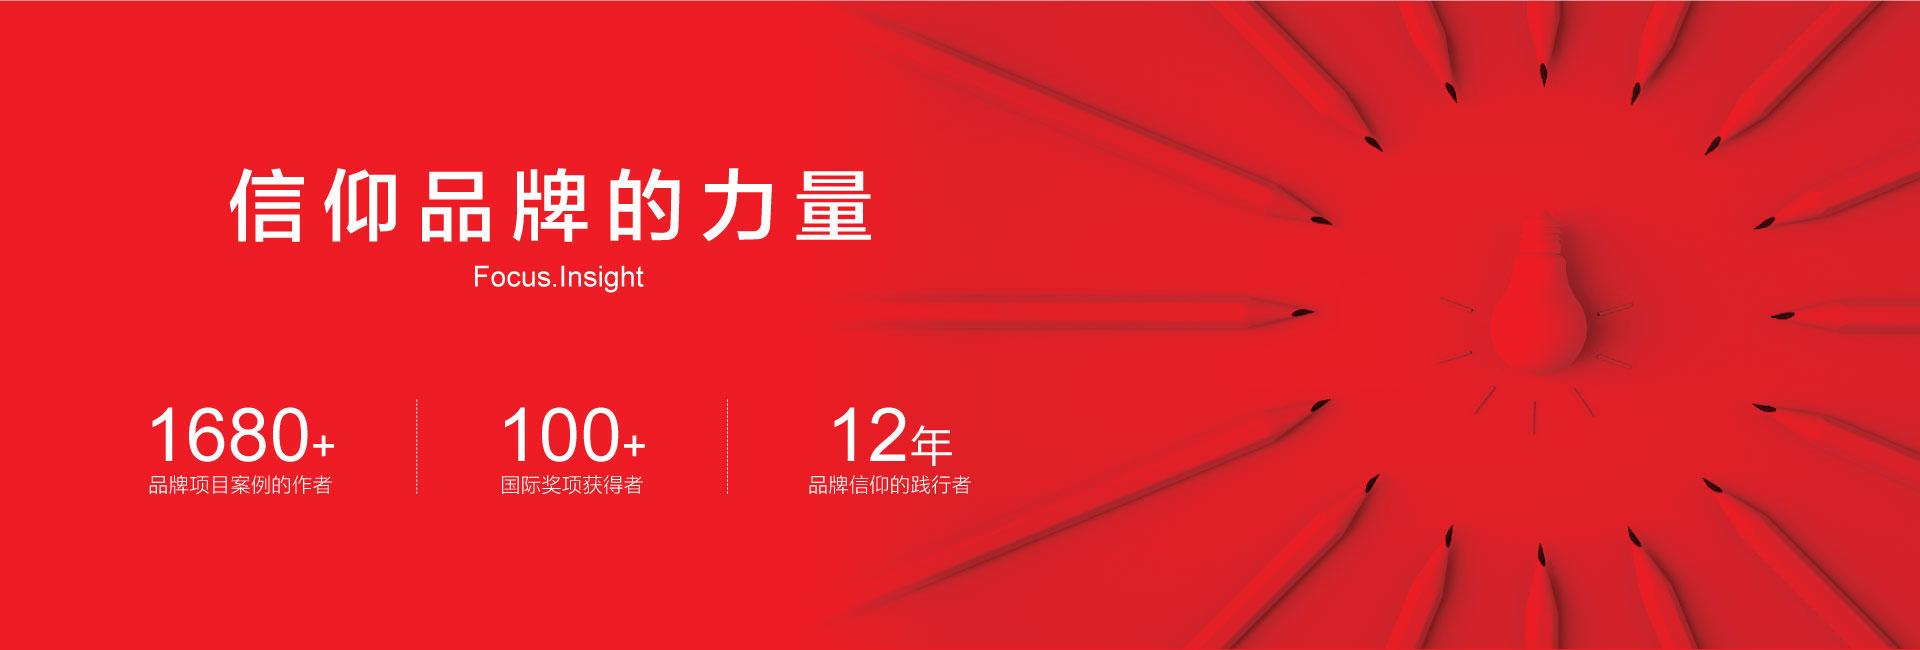 青岛顶尖的广告设计公司-案例1